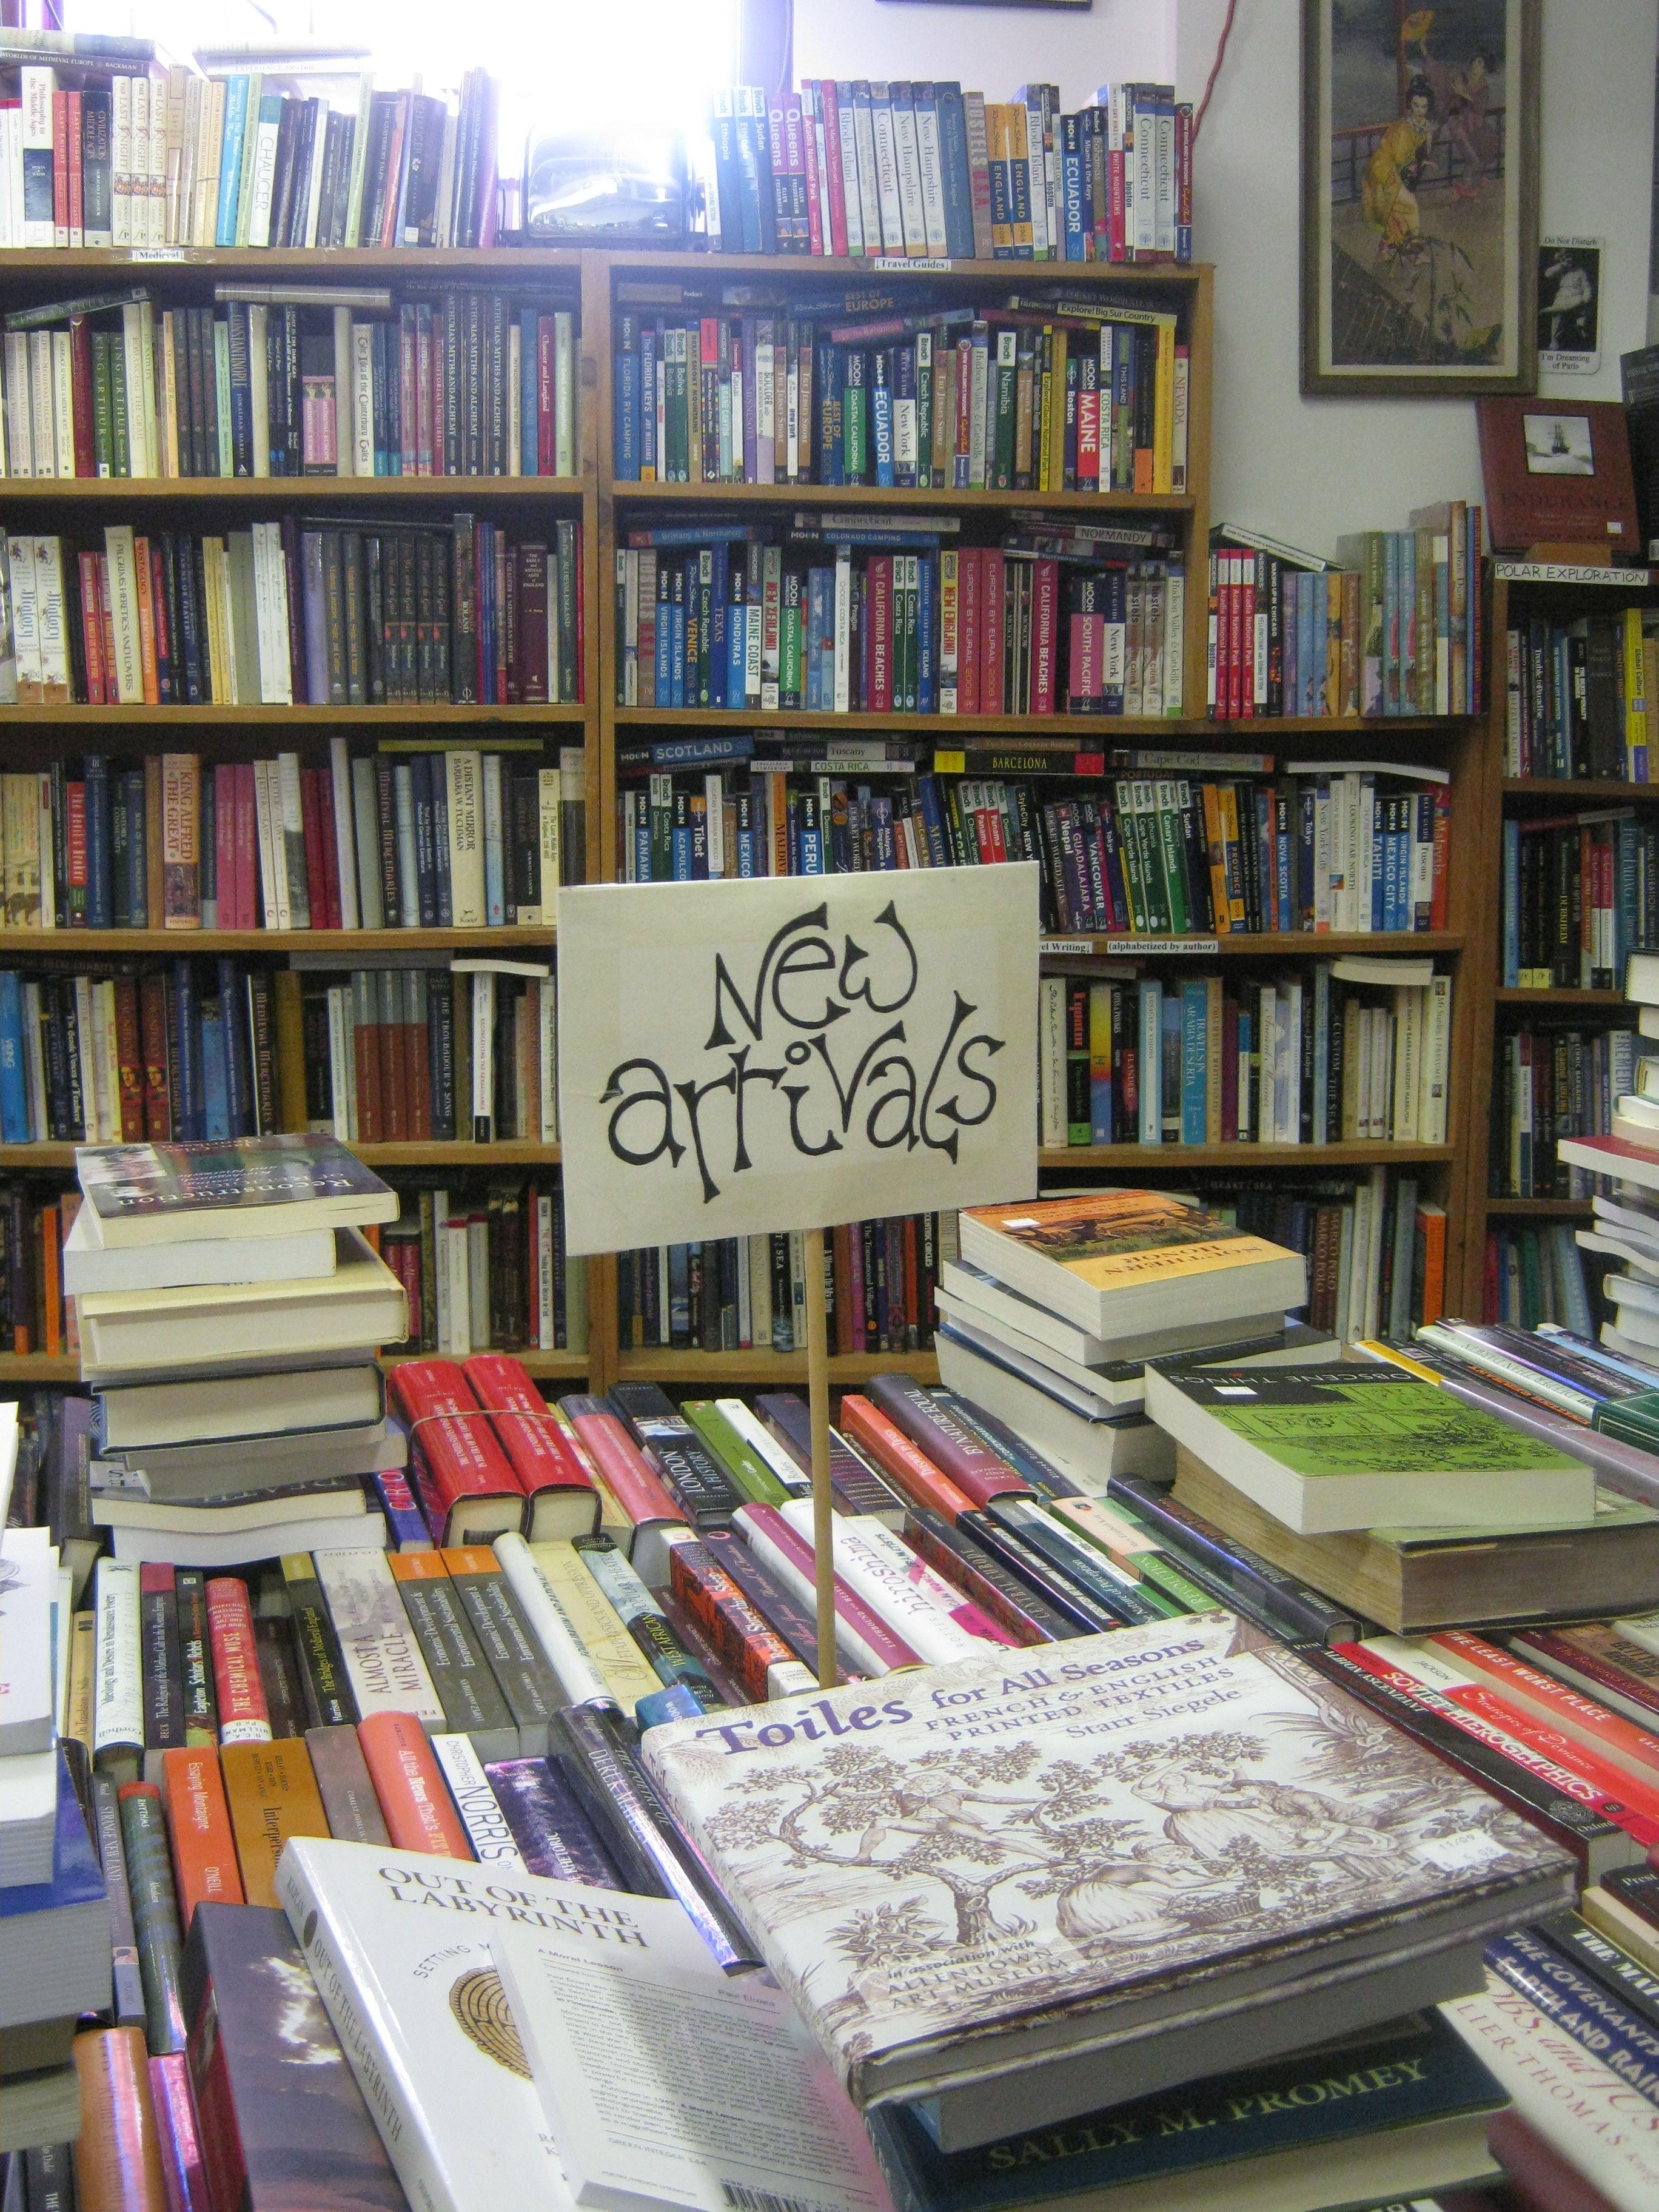 New Arrivals, Raven Books, Northampton, Massachusetts